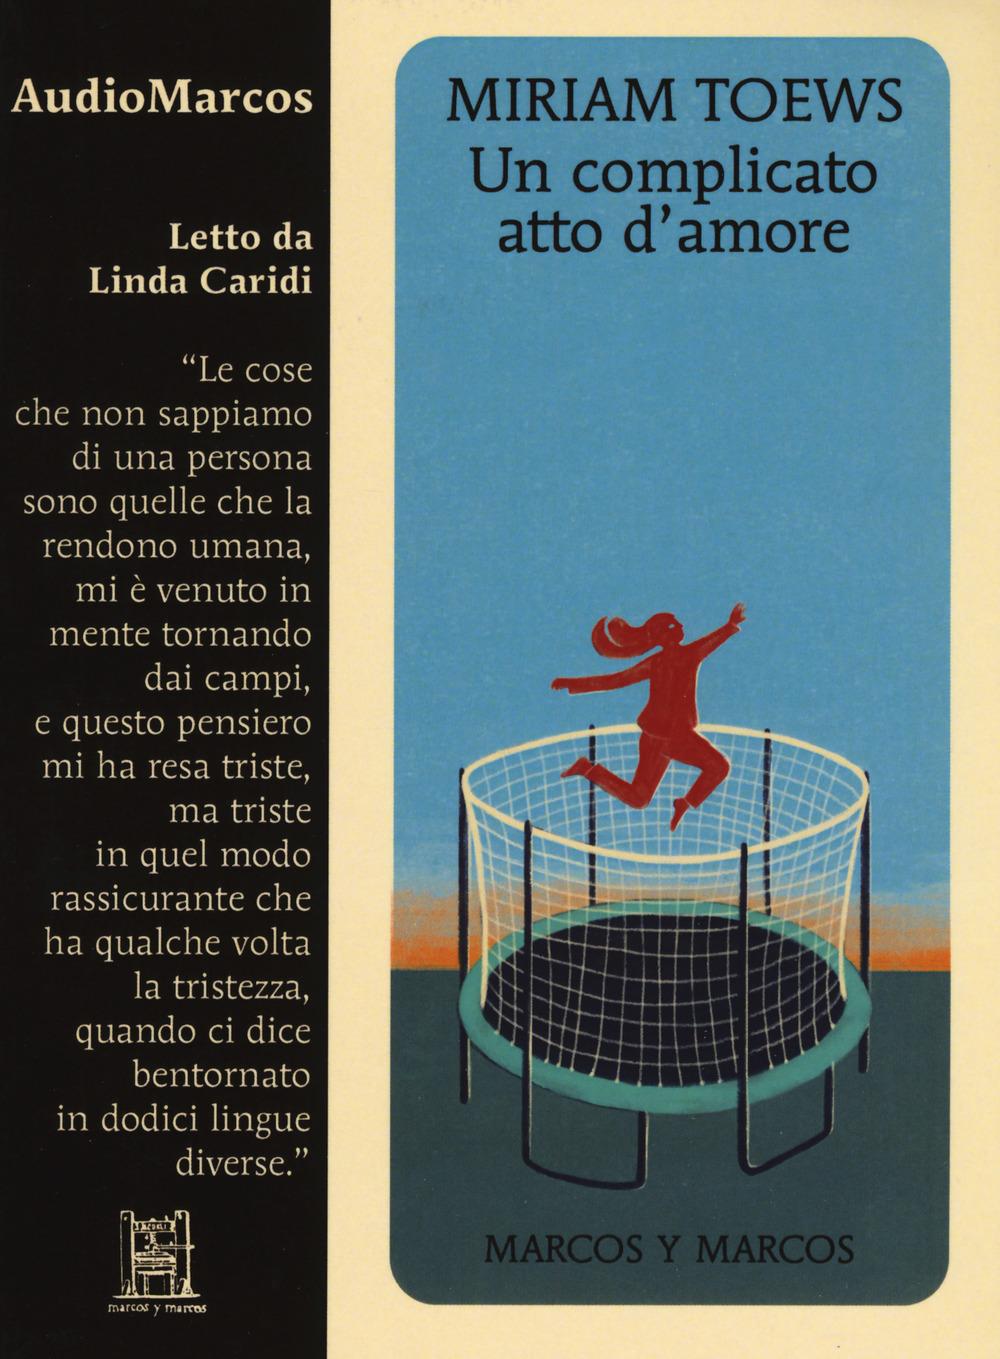 COMPLICATO ATTO D'AMORE LETTO DA LINDA CARIDI. AUDIOLIBRO. CD AUDIO FORMATO MP3 (UN) - 9788871688626